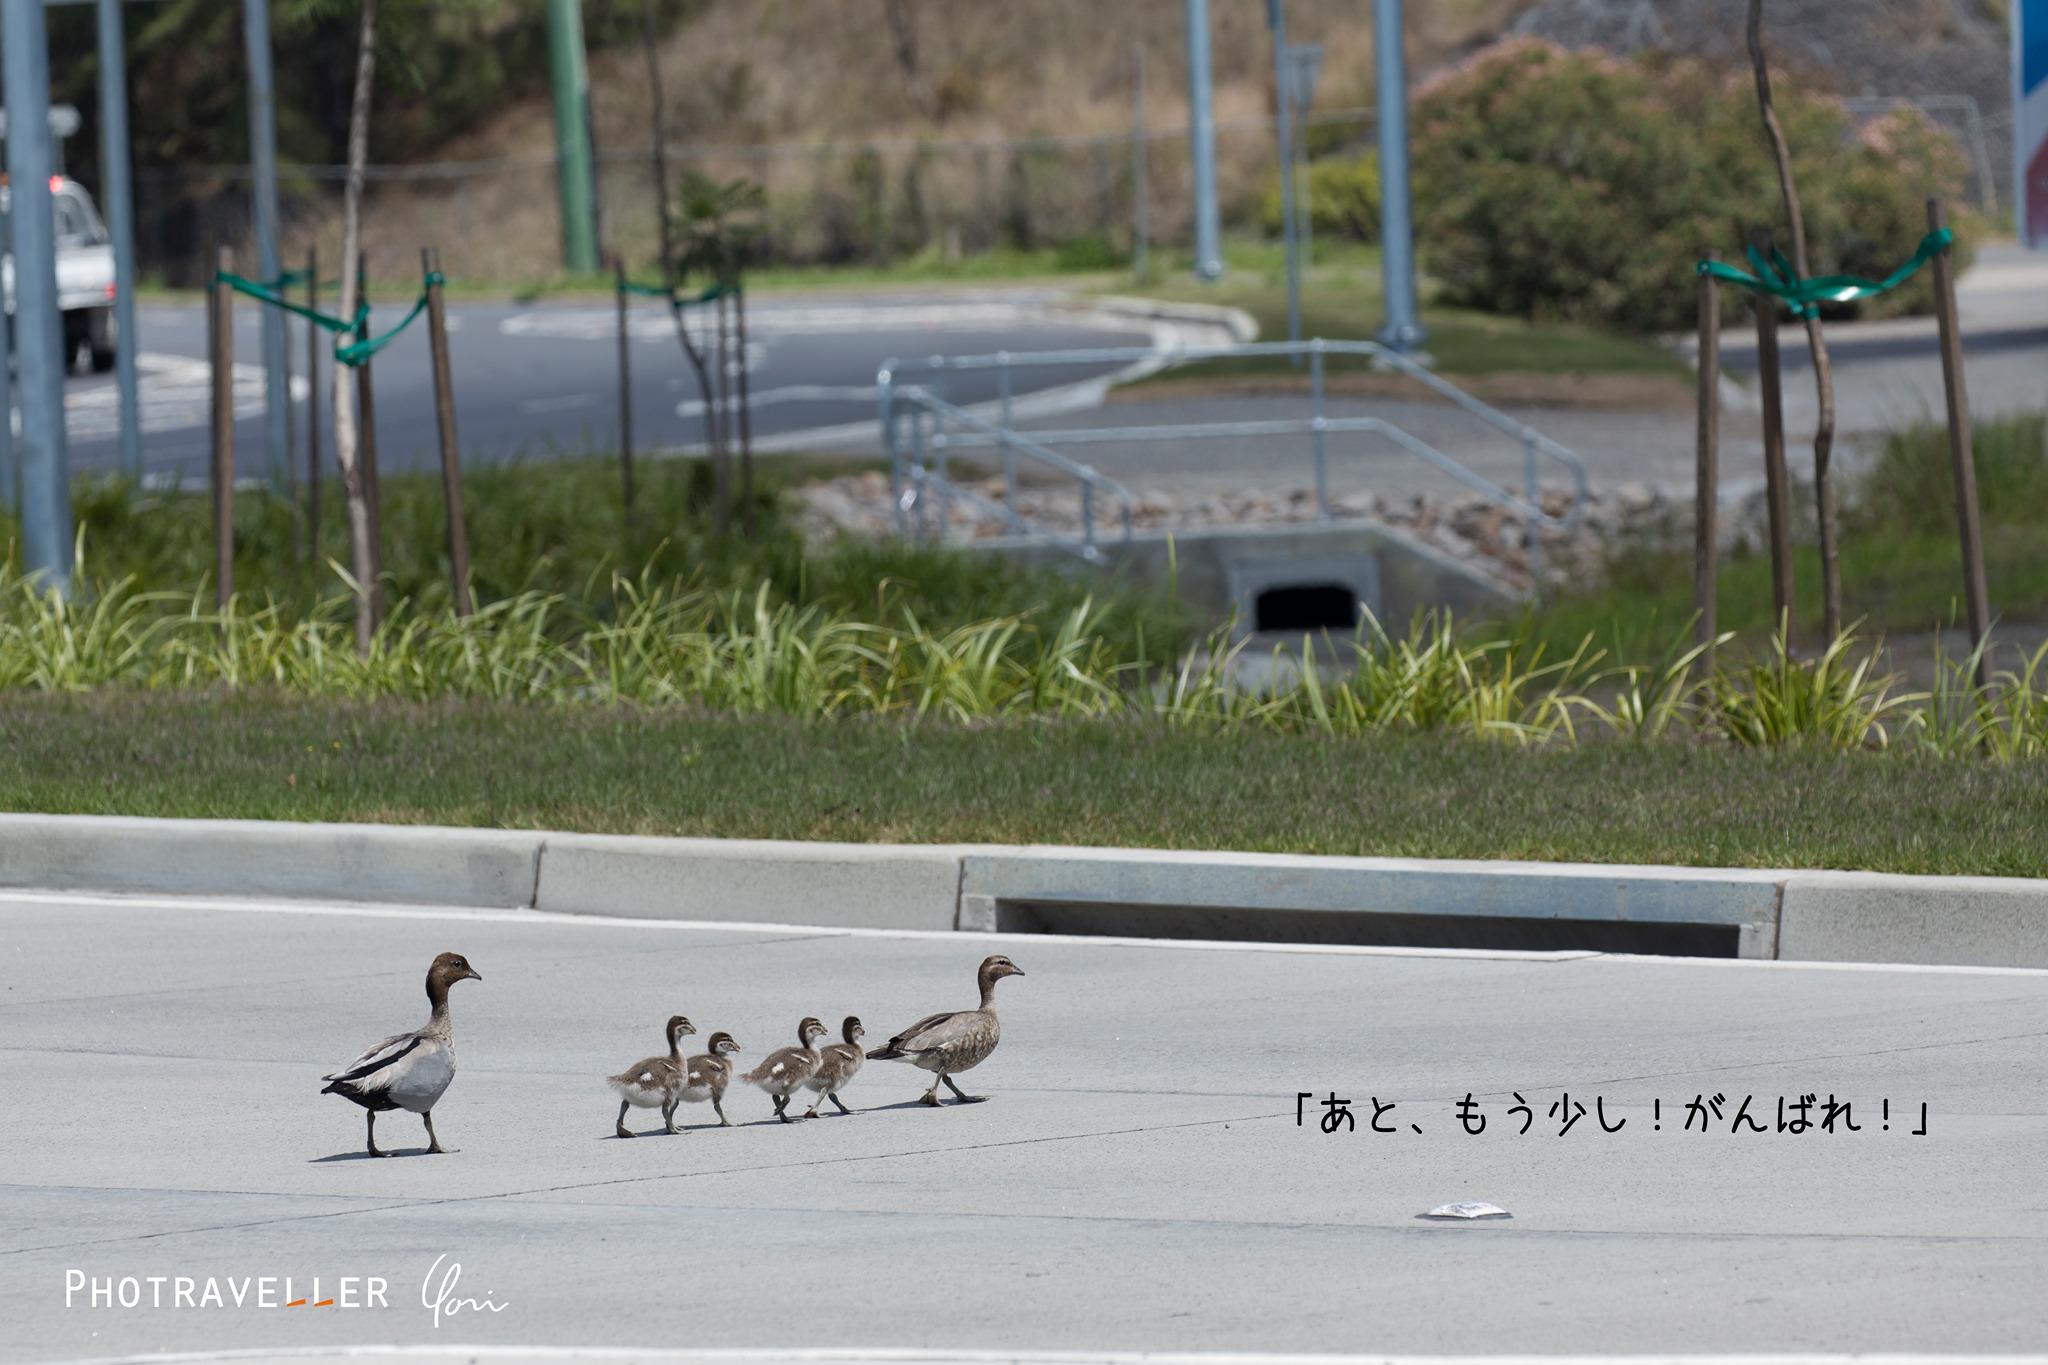 道横断 タテガミガン ウッドダック ファミリー オーストラリアの野鳥